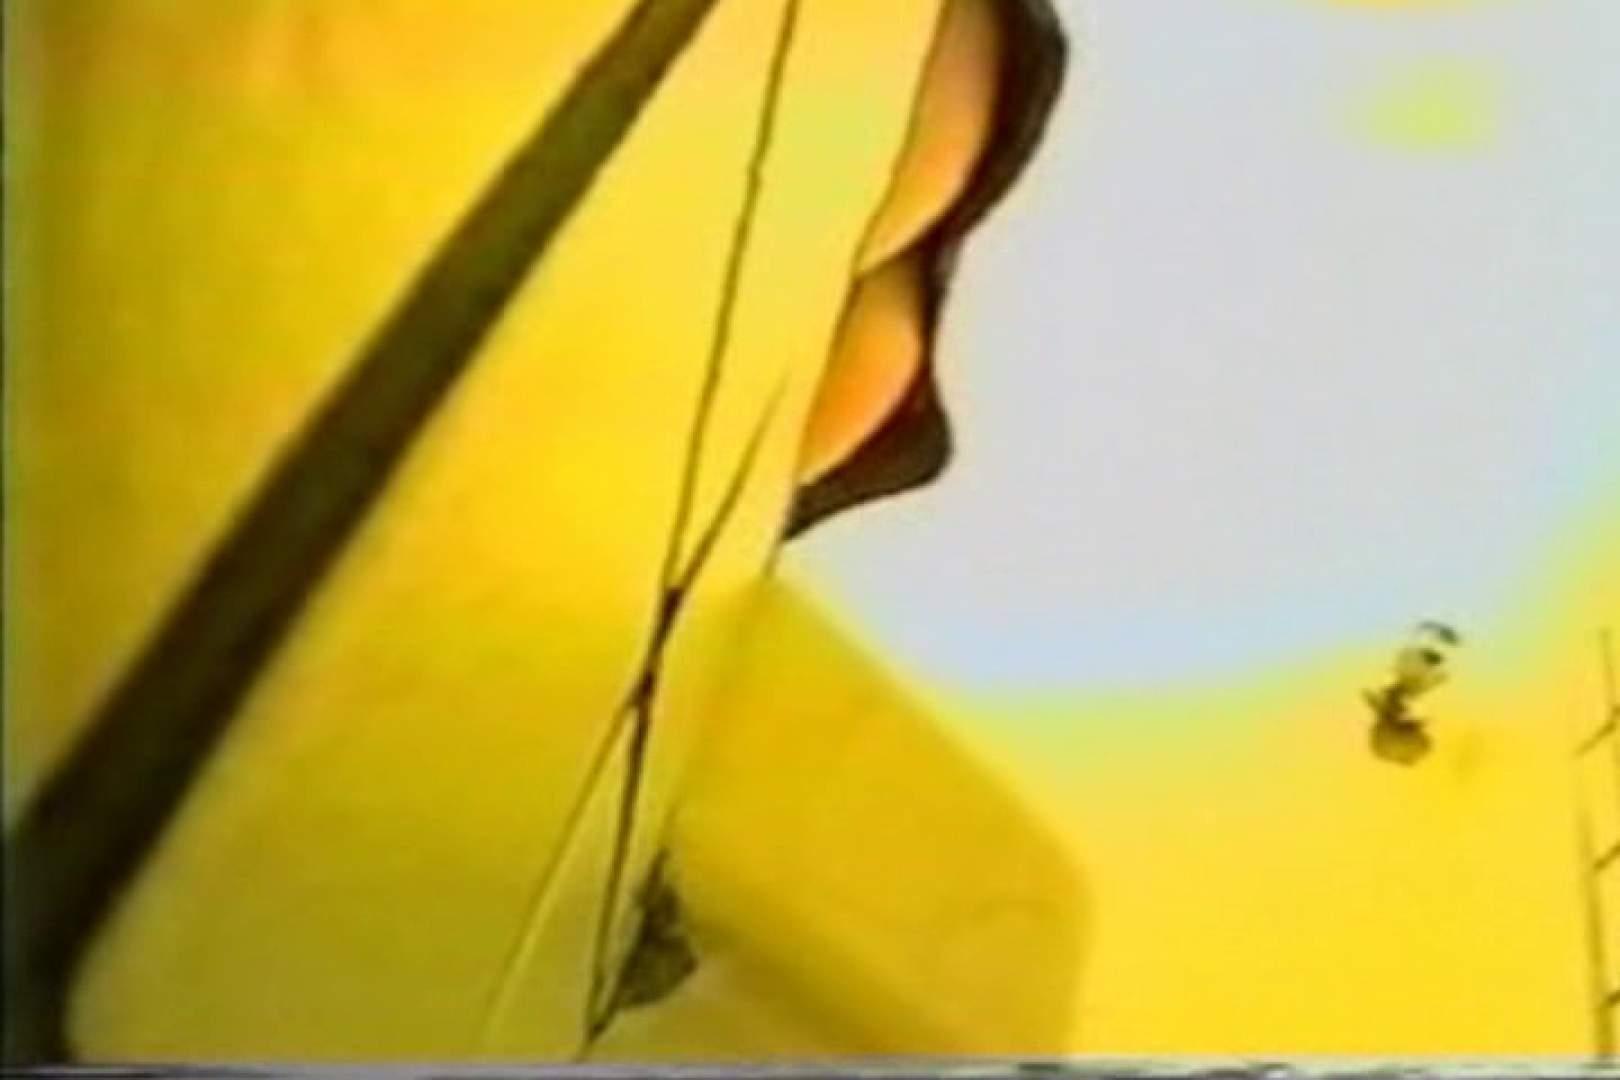 洋式洗面所オリジナルVol.2 女性の肛門 | おまんこ無修正  64画像 55